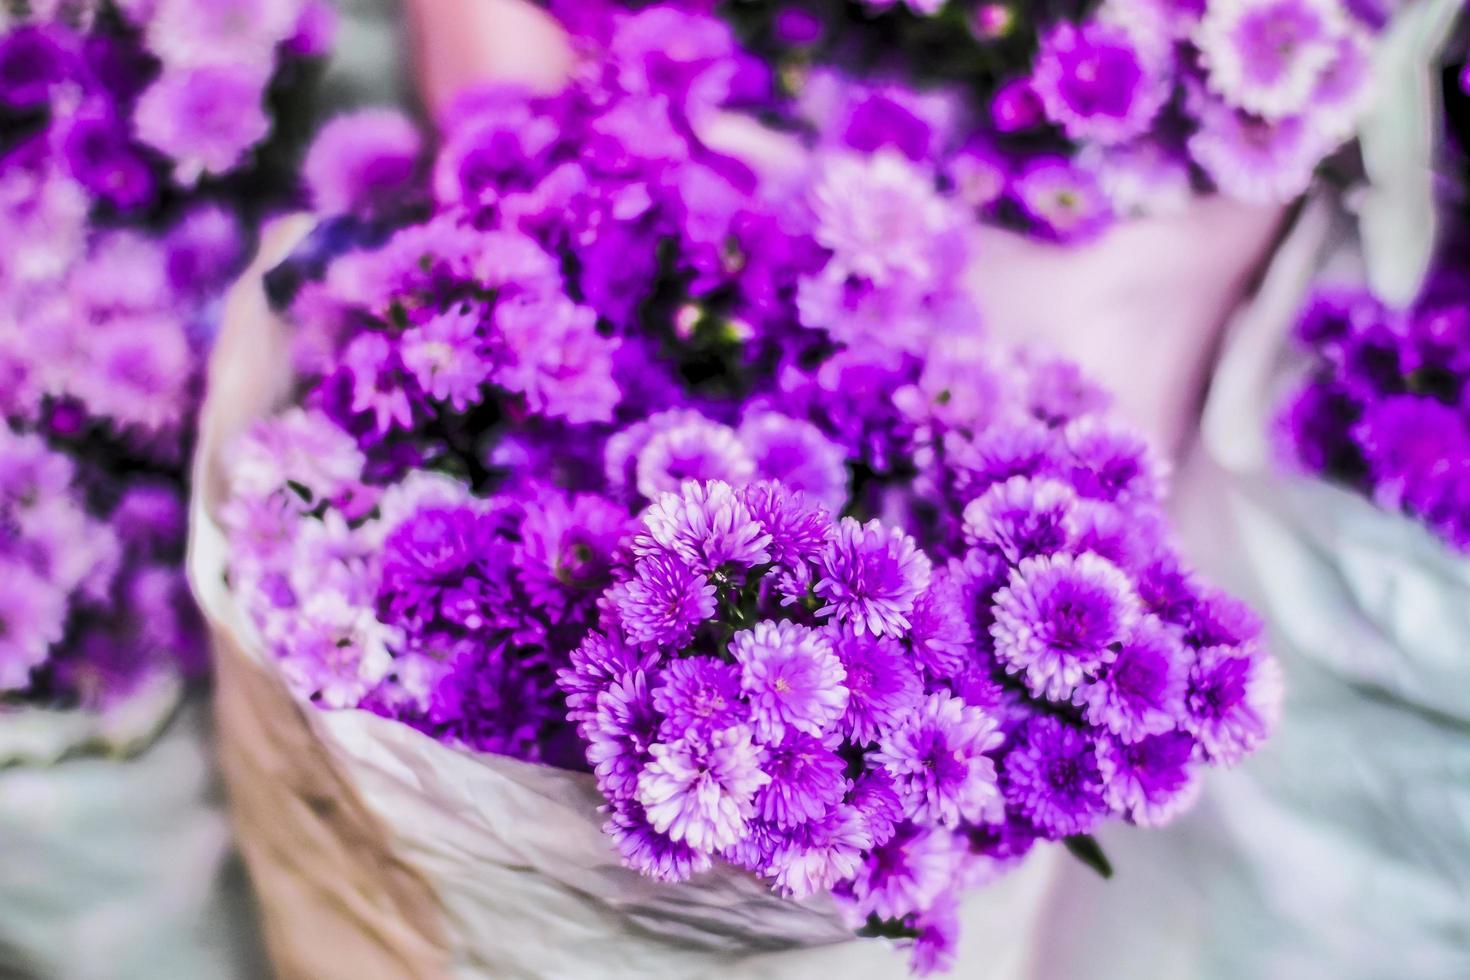 våren violetta blommor i en vitbok skevhet foto